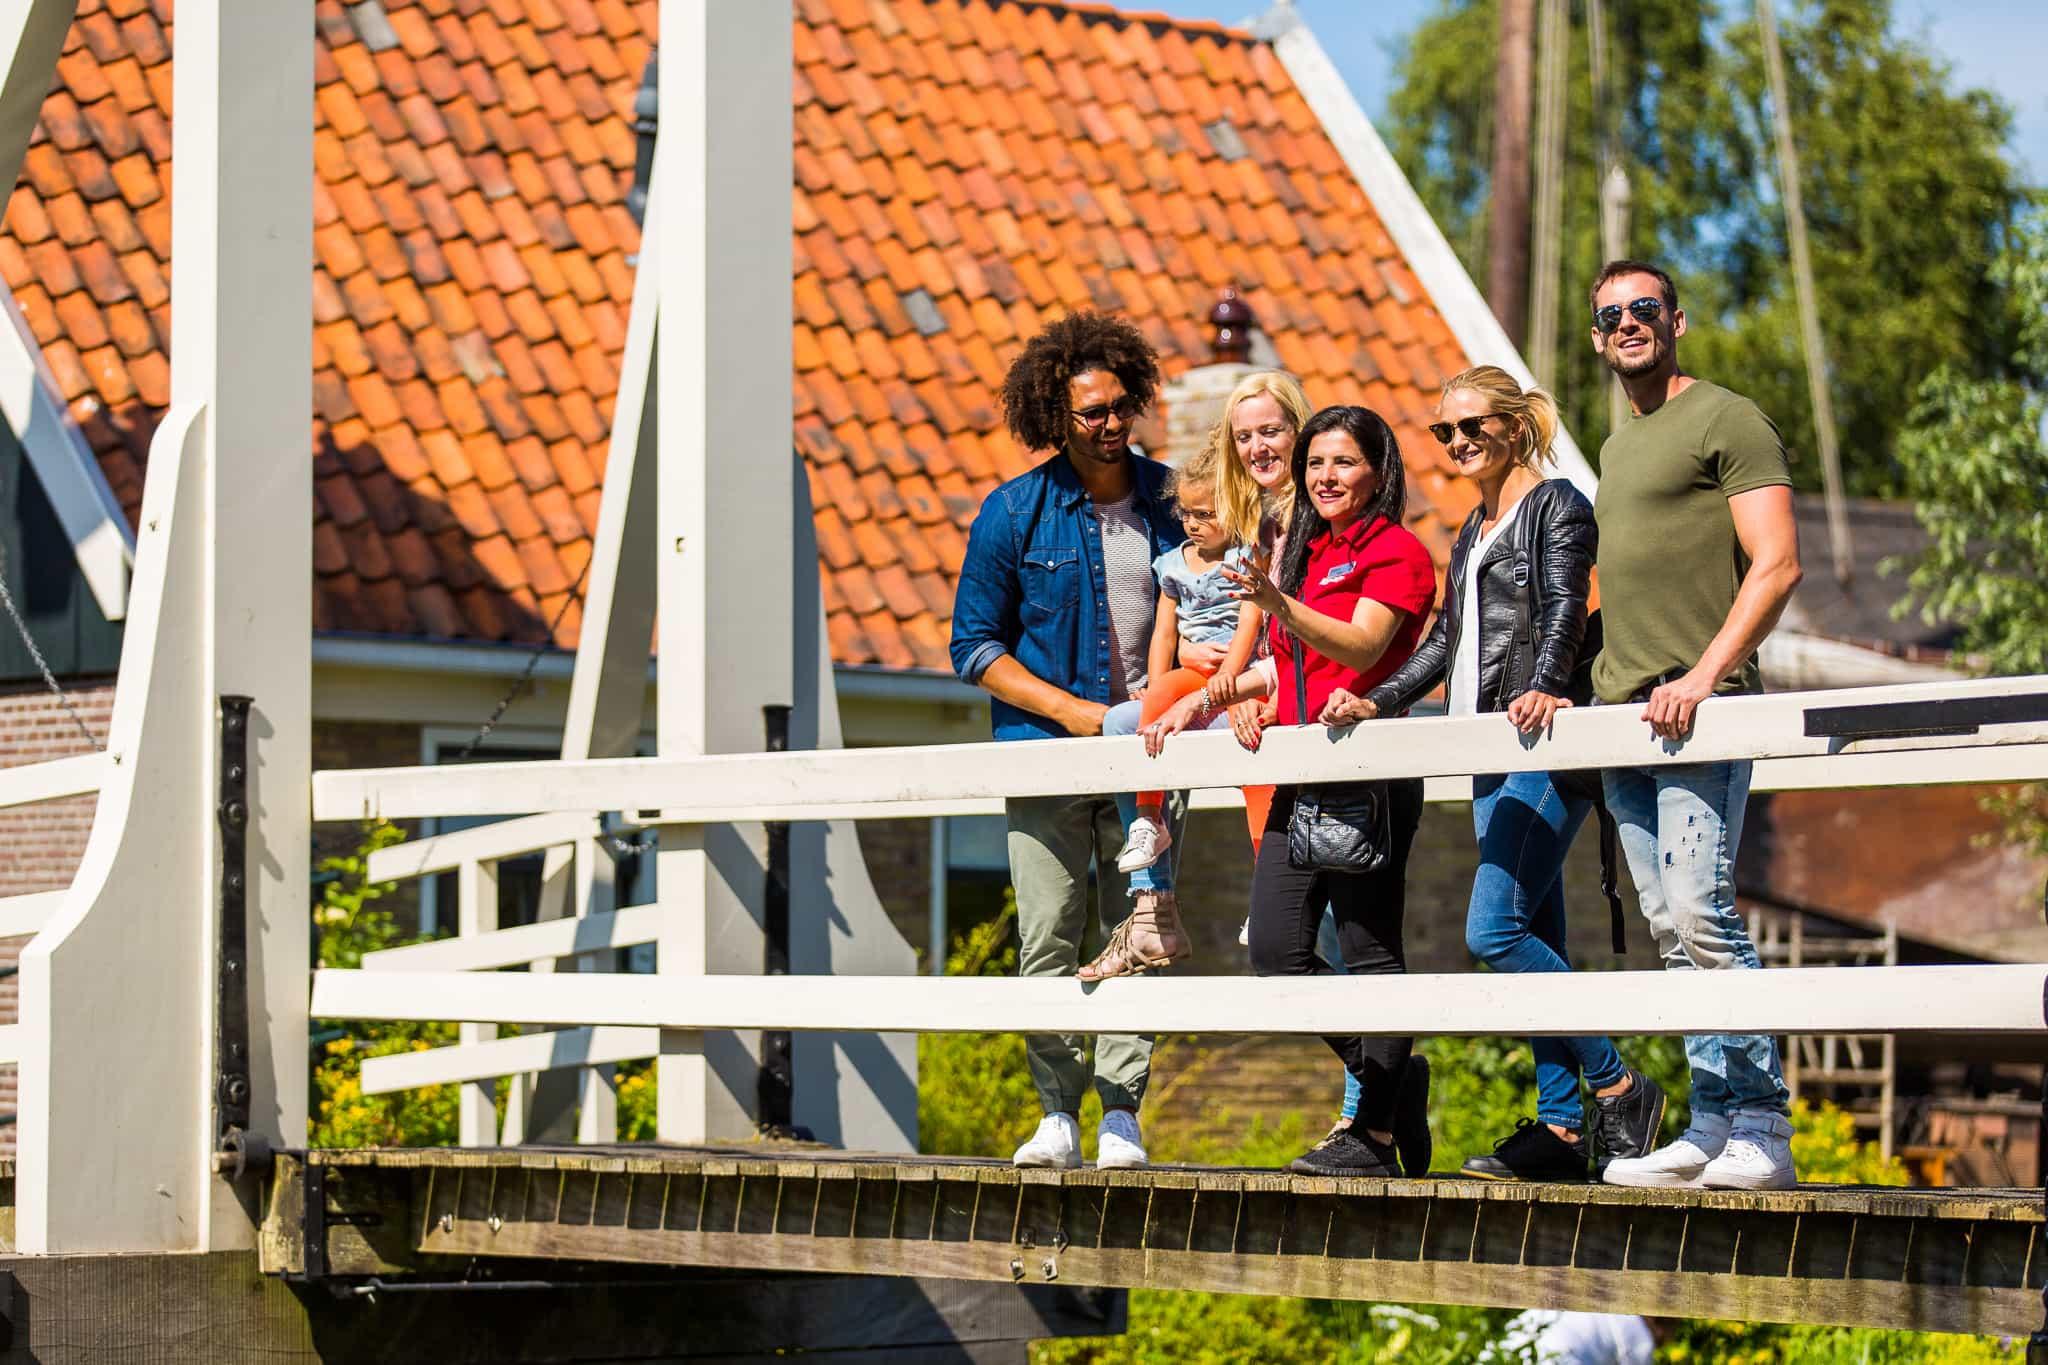 Touroperator Volendam Marken